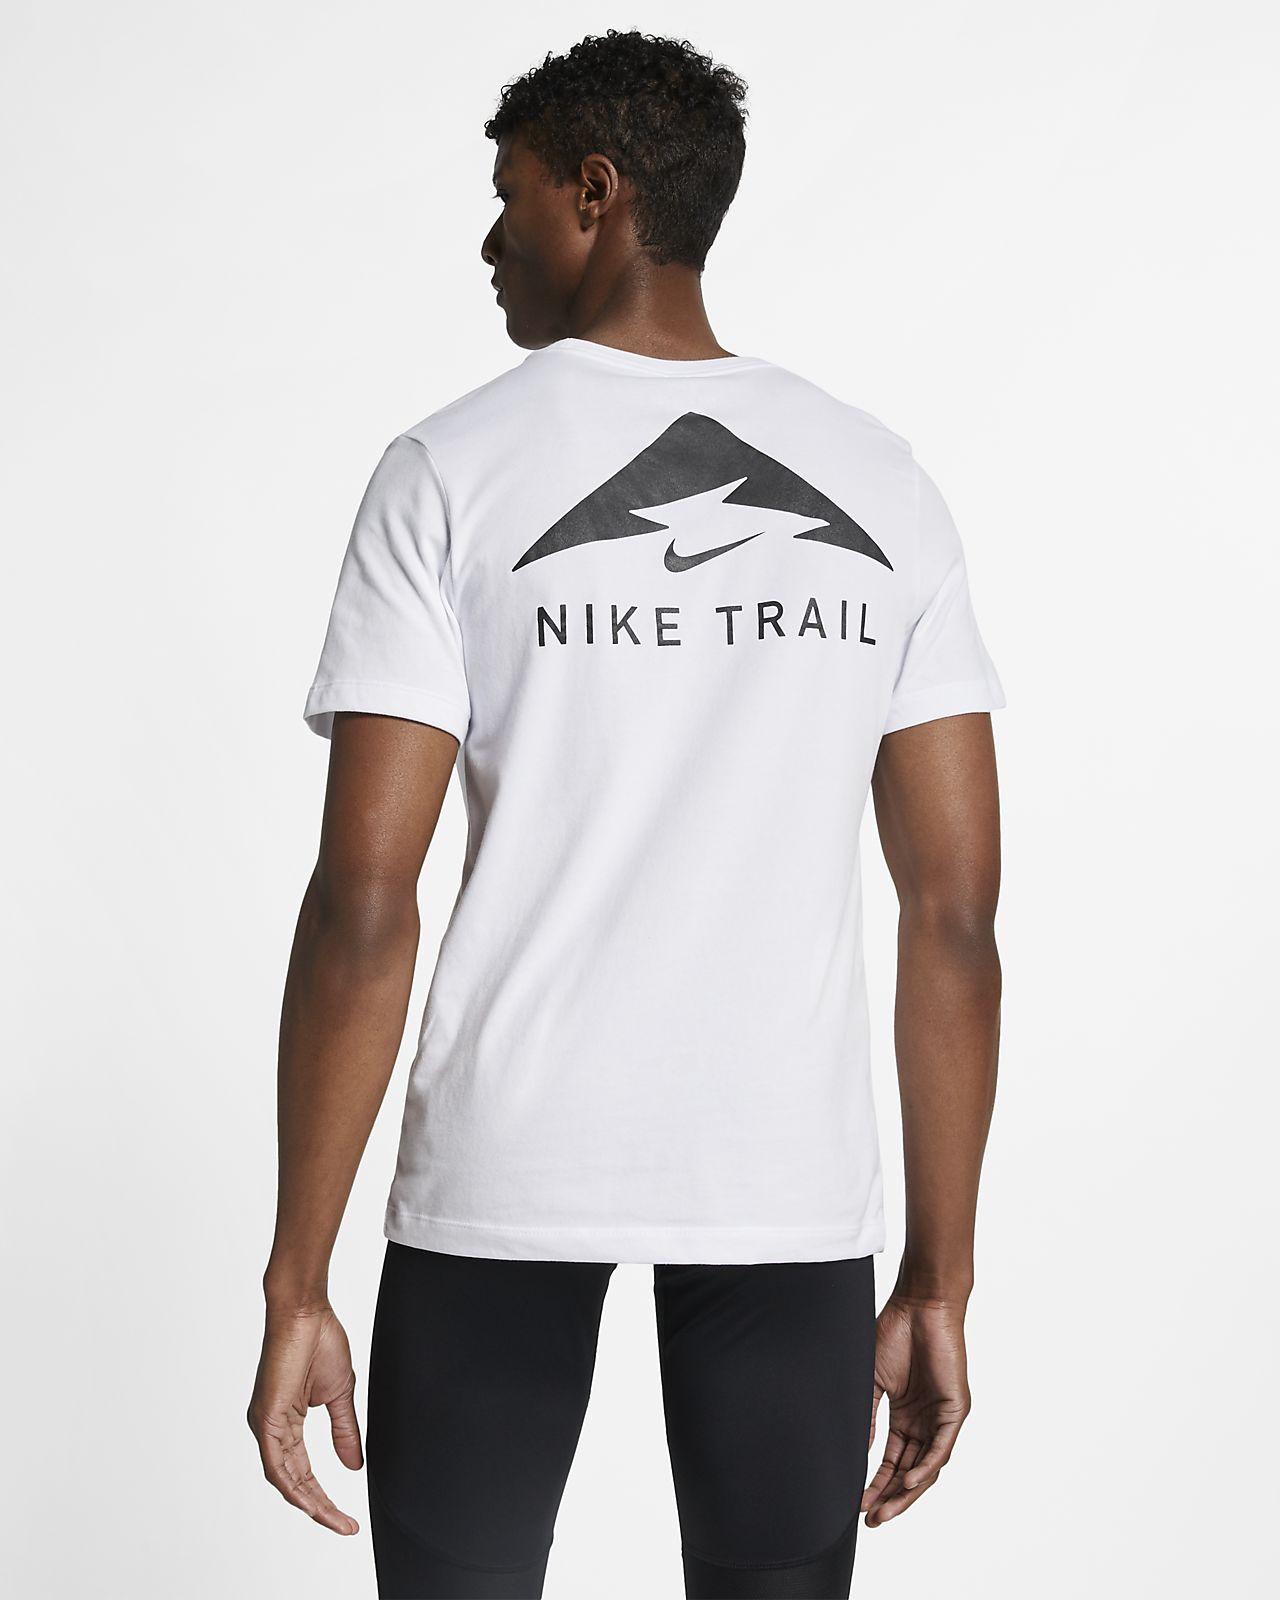 Nike Trail Dri FIT Men's Running T Shirt